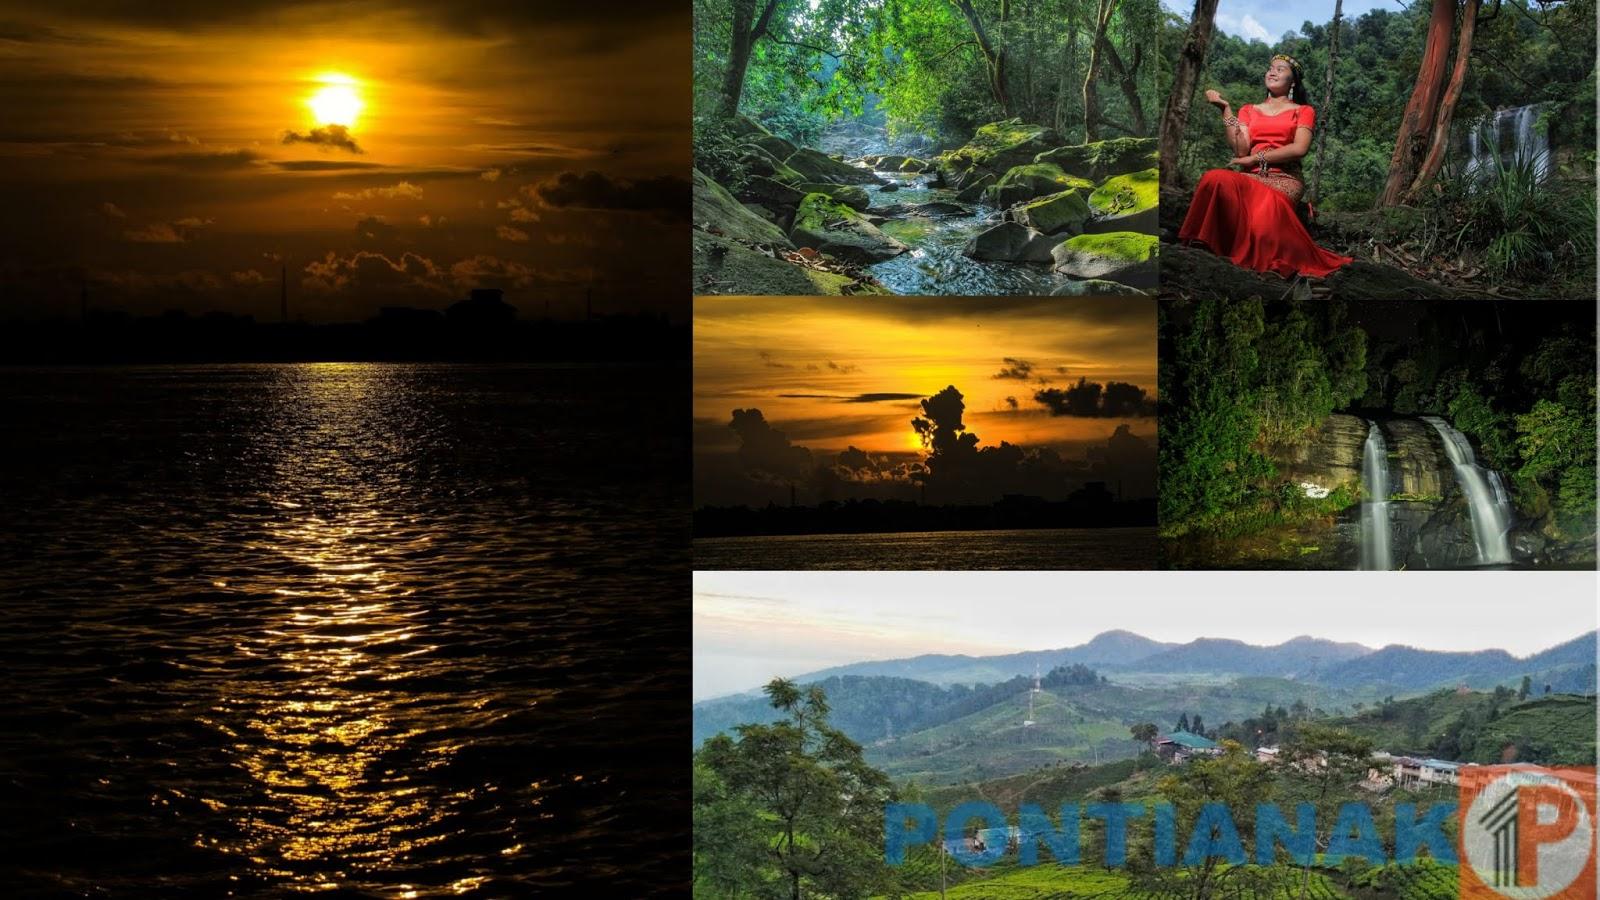 Inilah Hasil Potretan Wisata oleh Photographer Muda Asal Pontianak